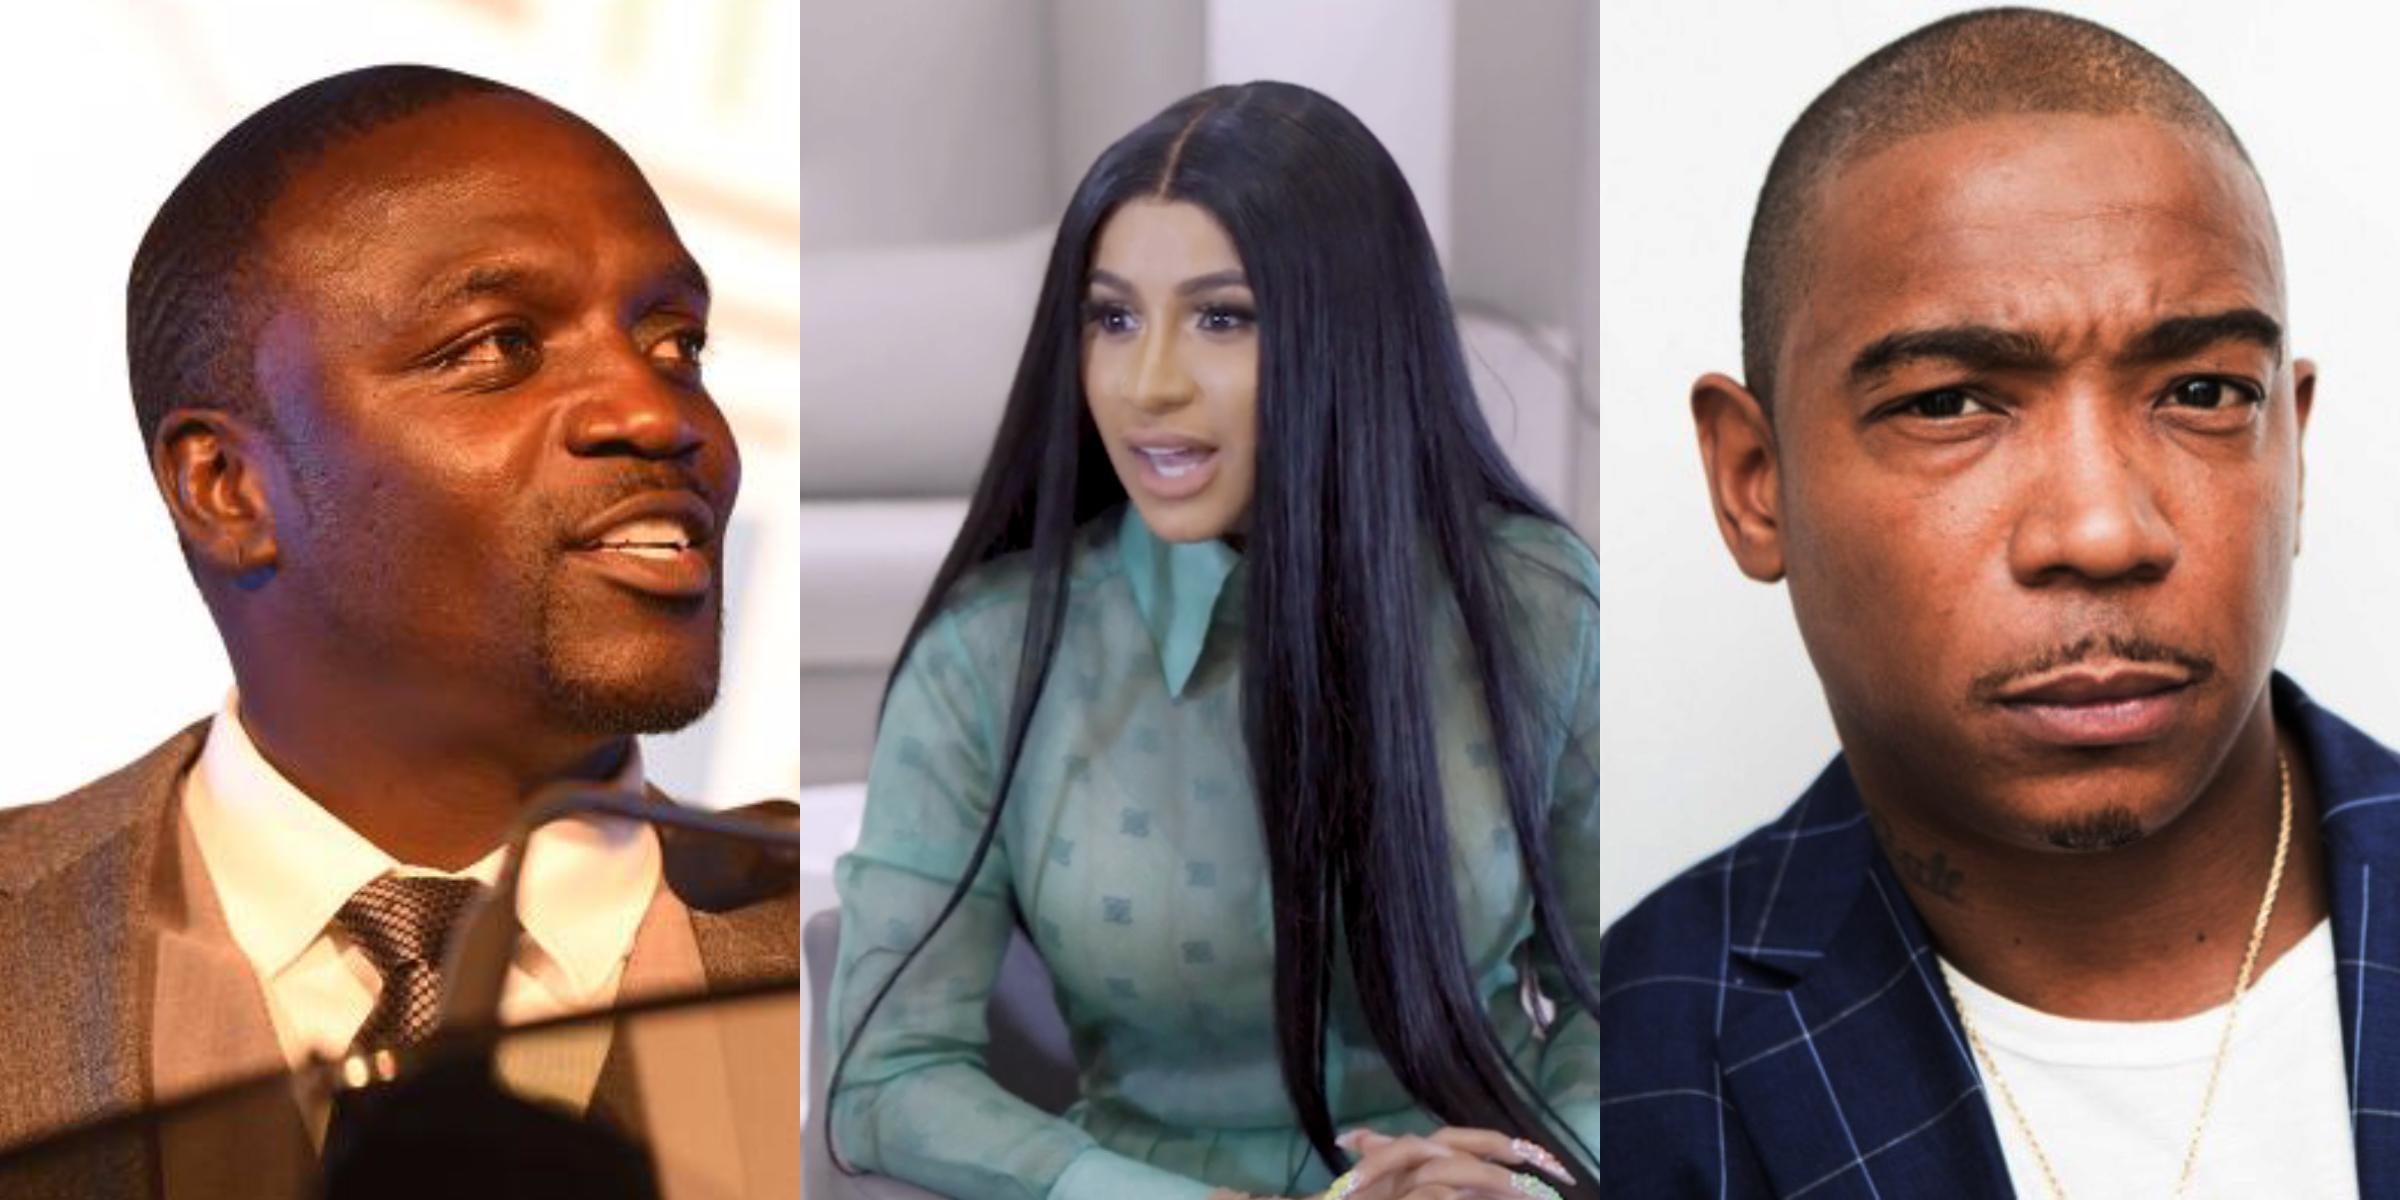 Kurioses aus Übersee: Cardi B, Akon und Ja Rule sorgen für Schlagzeilen